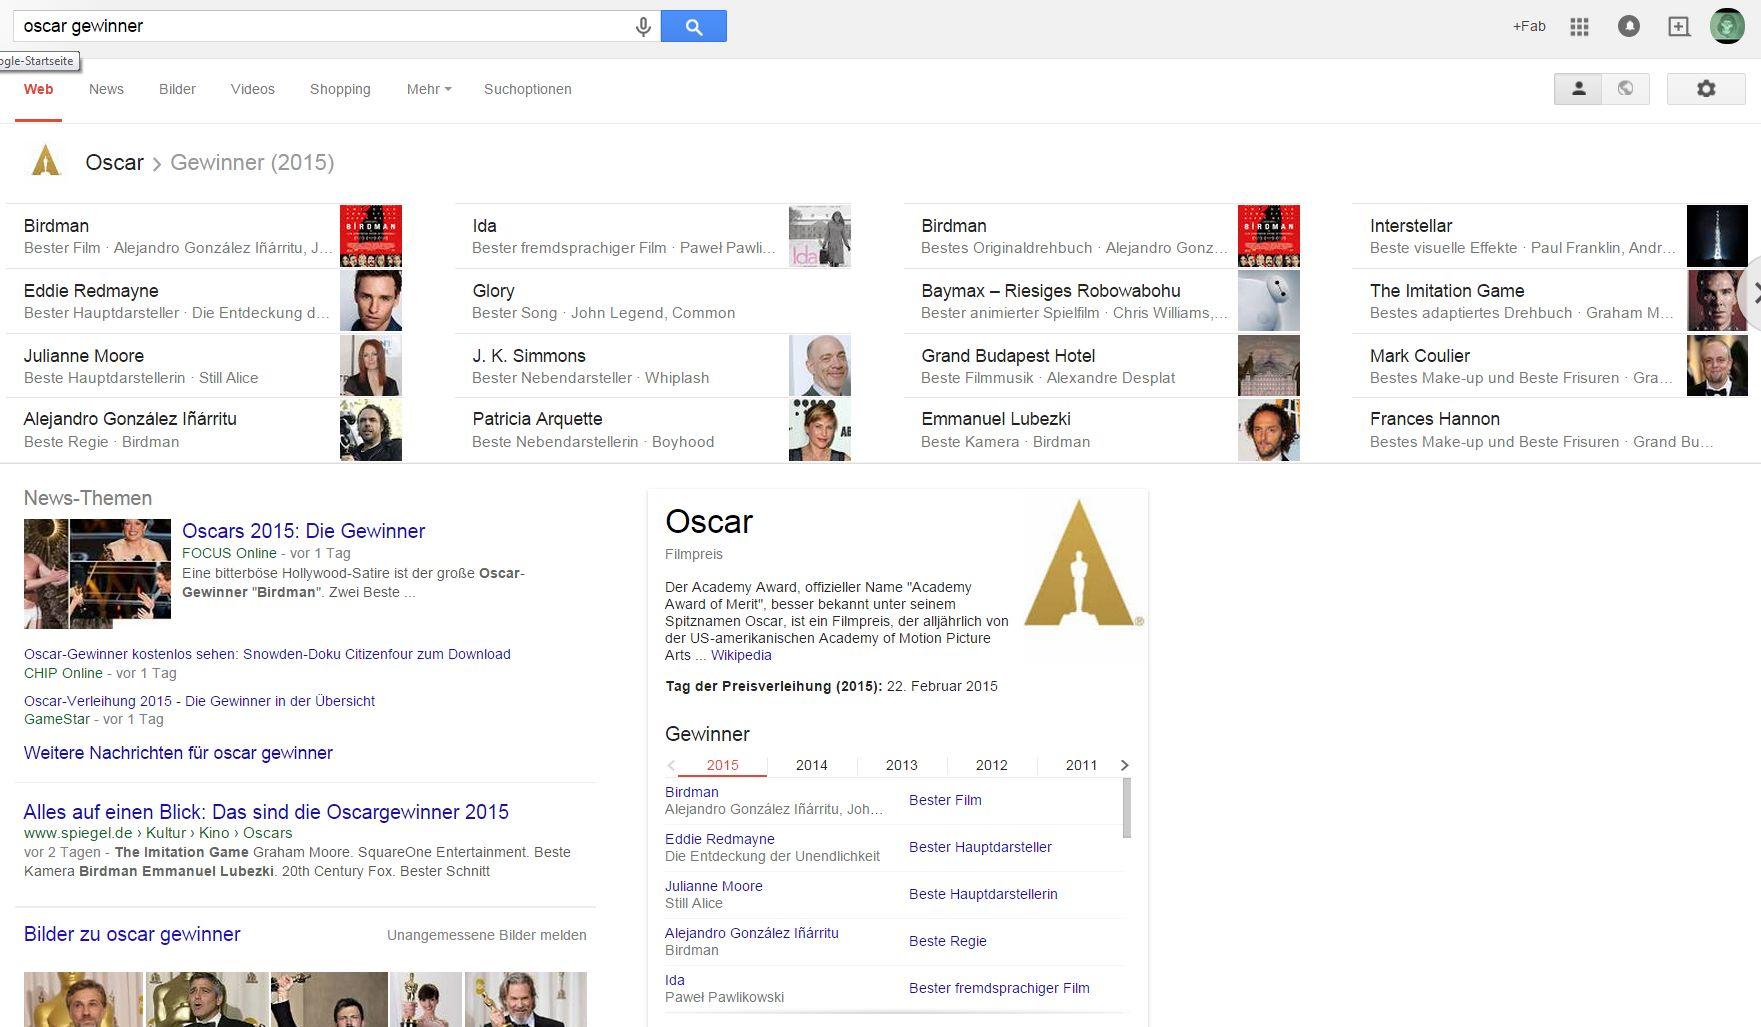 """Screenshot zur Google-Suchanfrage zu """"Oscar Gewinner"""" nach der Verleihung der Oscars 2015"""